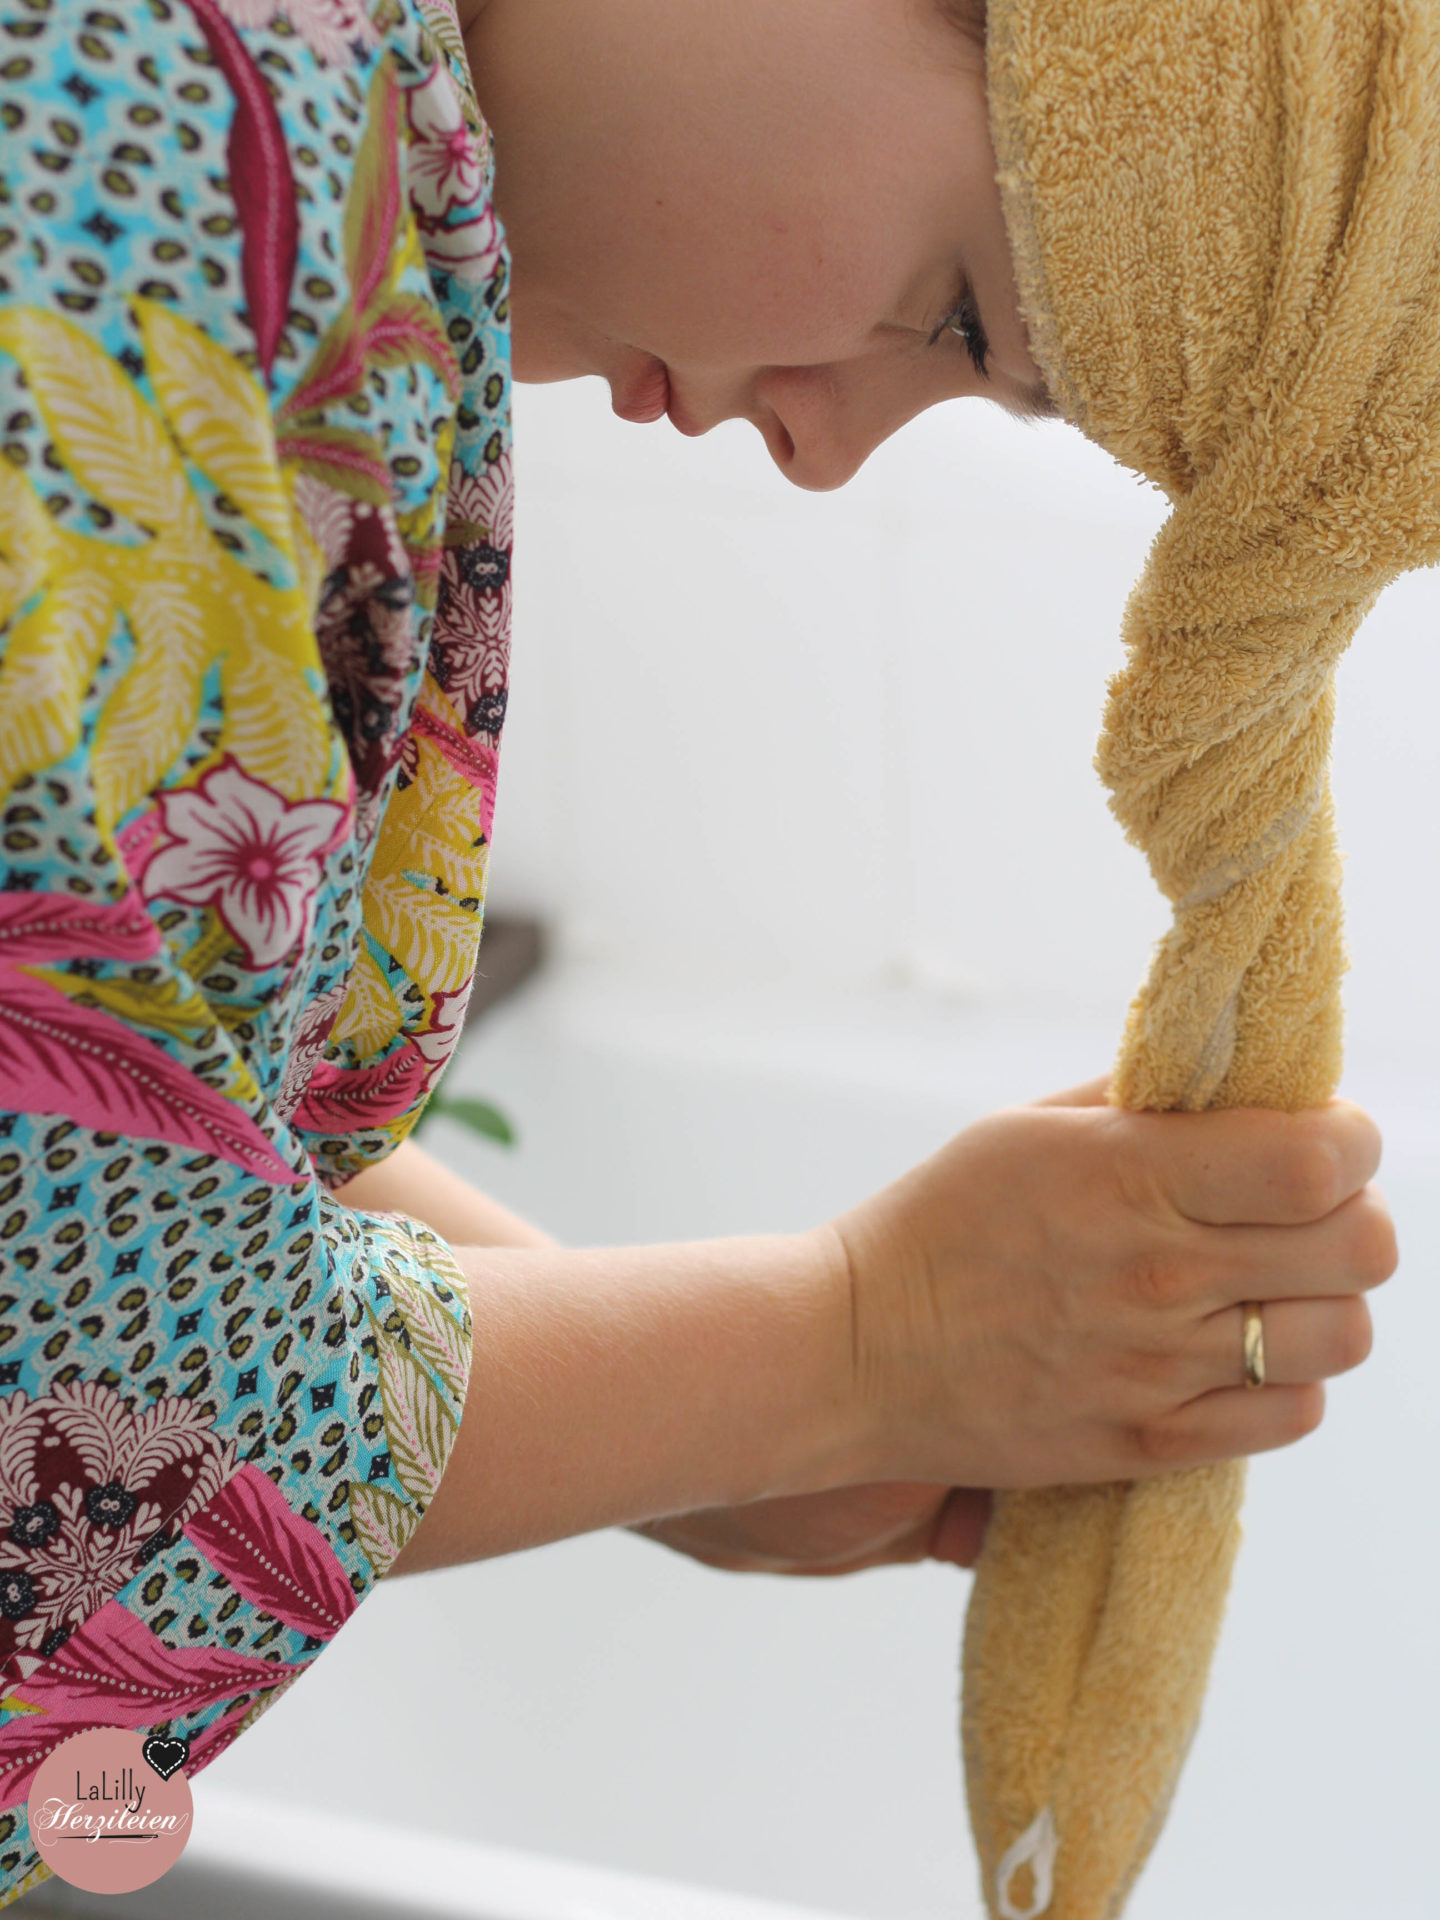 Upcycling? Ja Bitte! In meinem einfachen 5-Schrittigen Tutorial zeige ich dir, wie du aus alten Handtüchern einen praktischen handtuchturban nähen kannst!